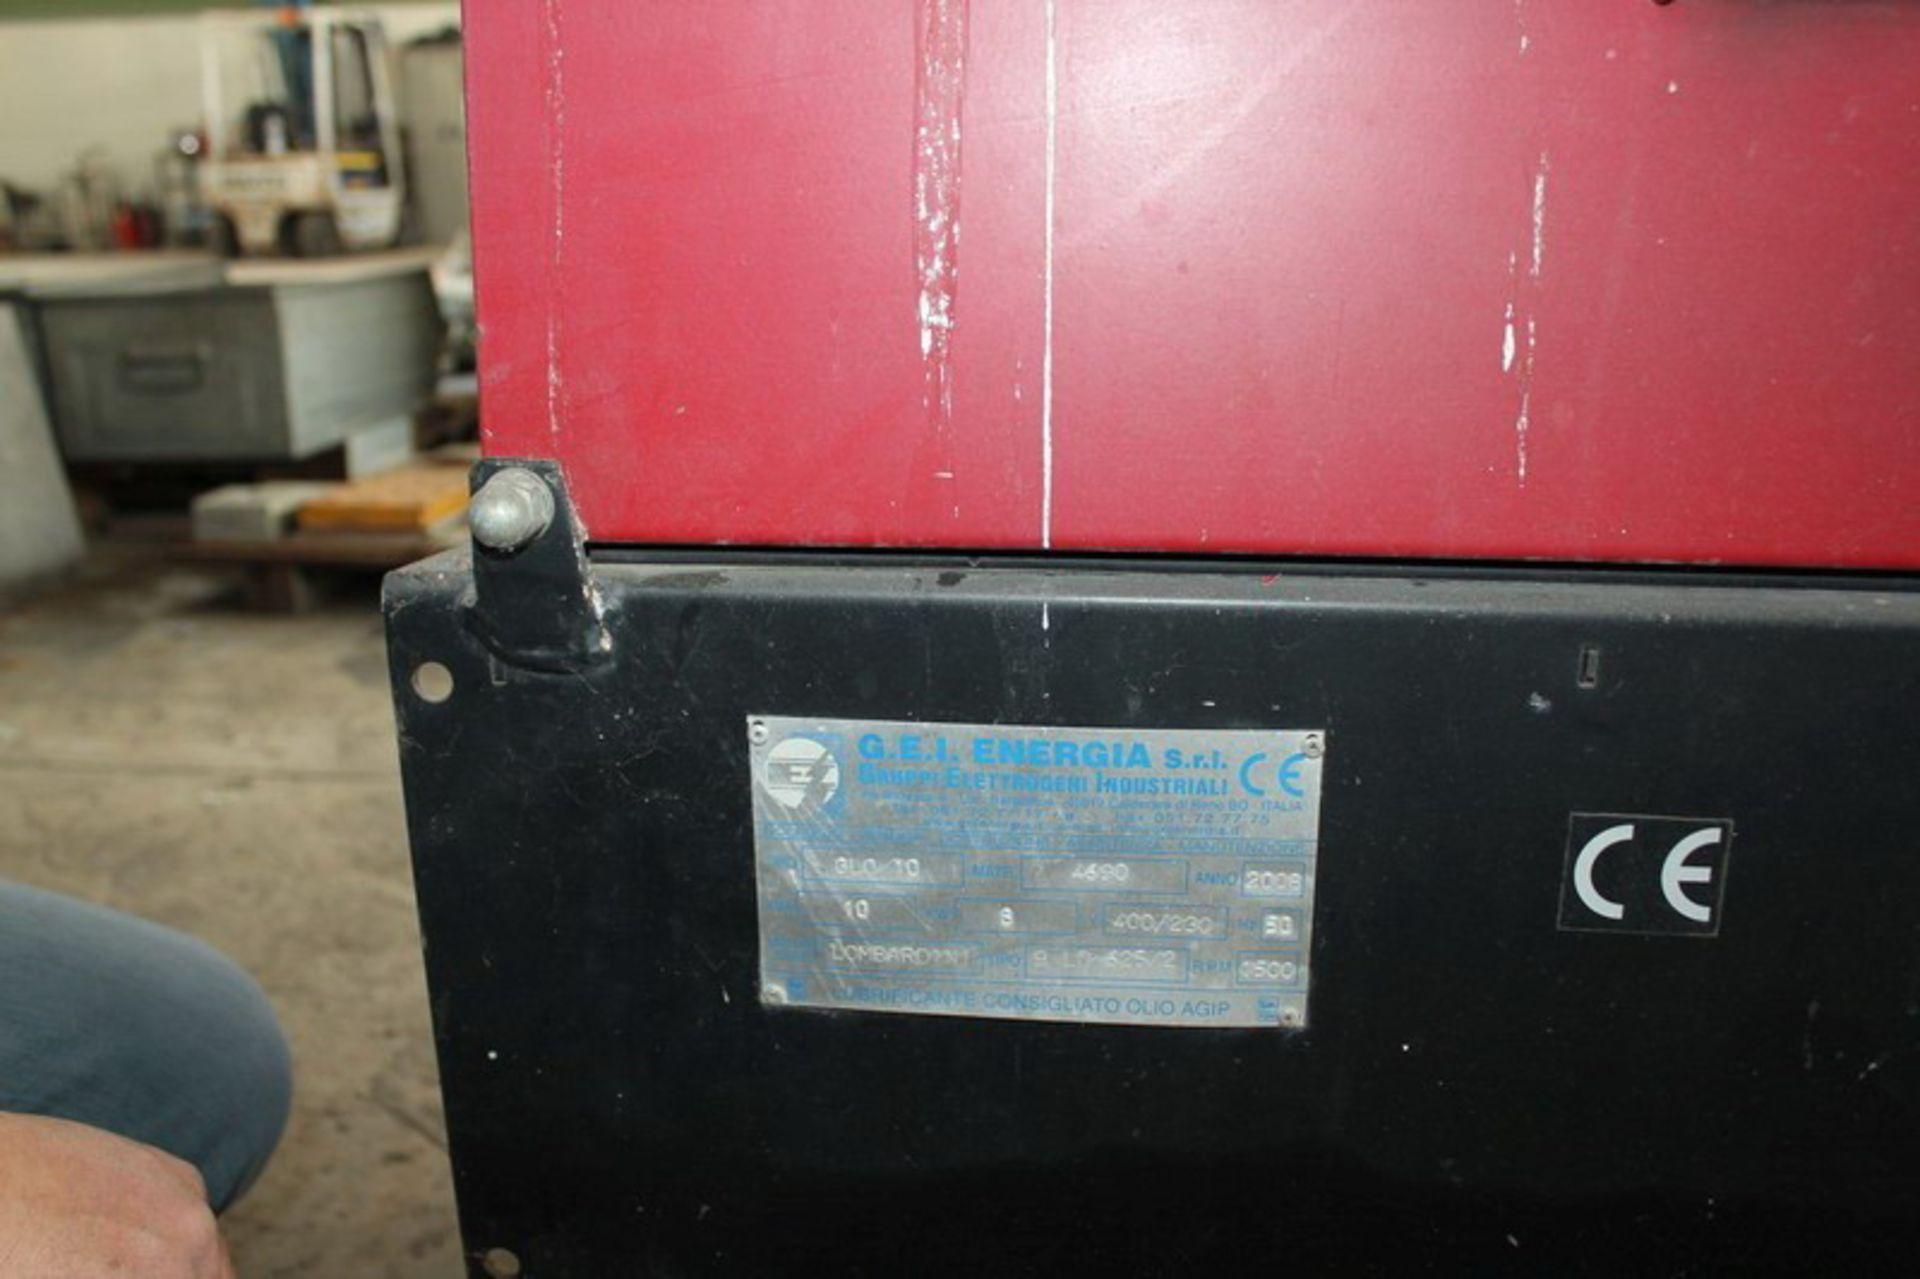 Lotto 129 - N. 18 (V.F. 929) GENERATORE J. ENERGIA SRL DI CORRENTE ANNO 2008 KW. 8